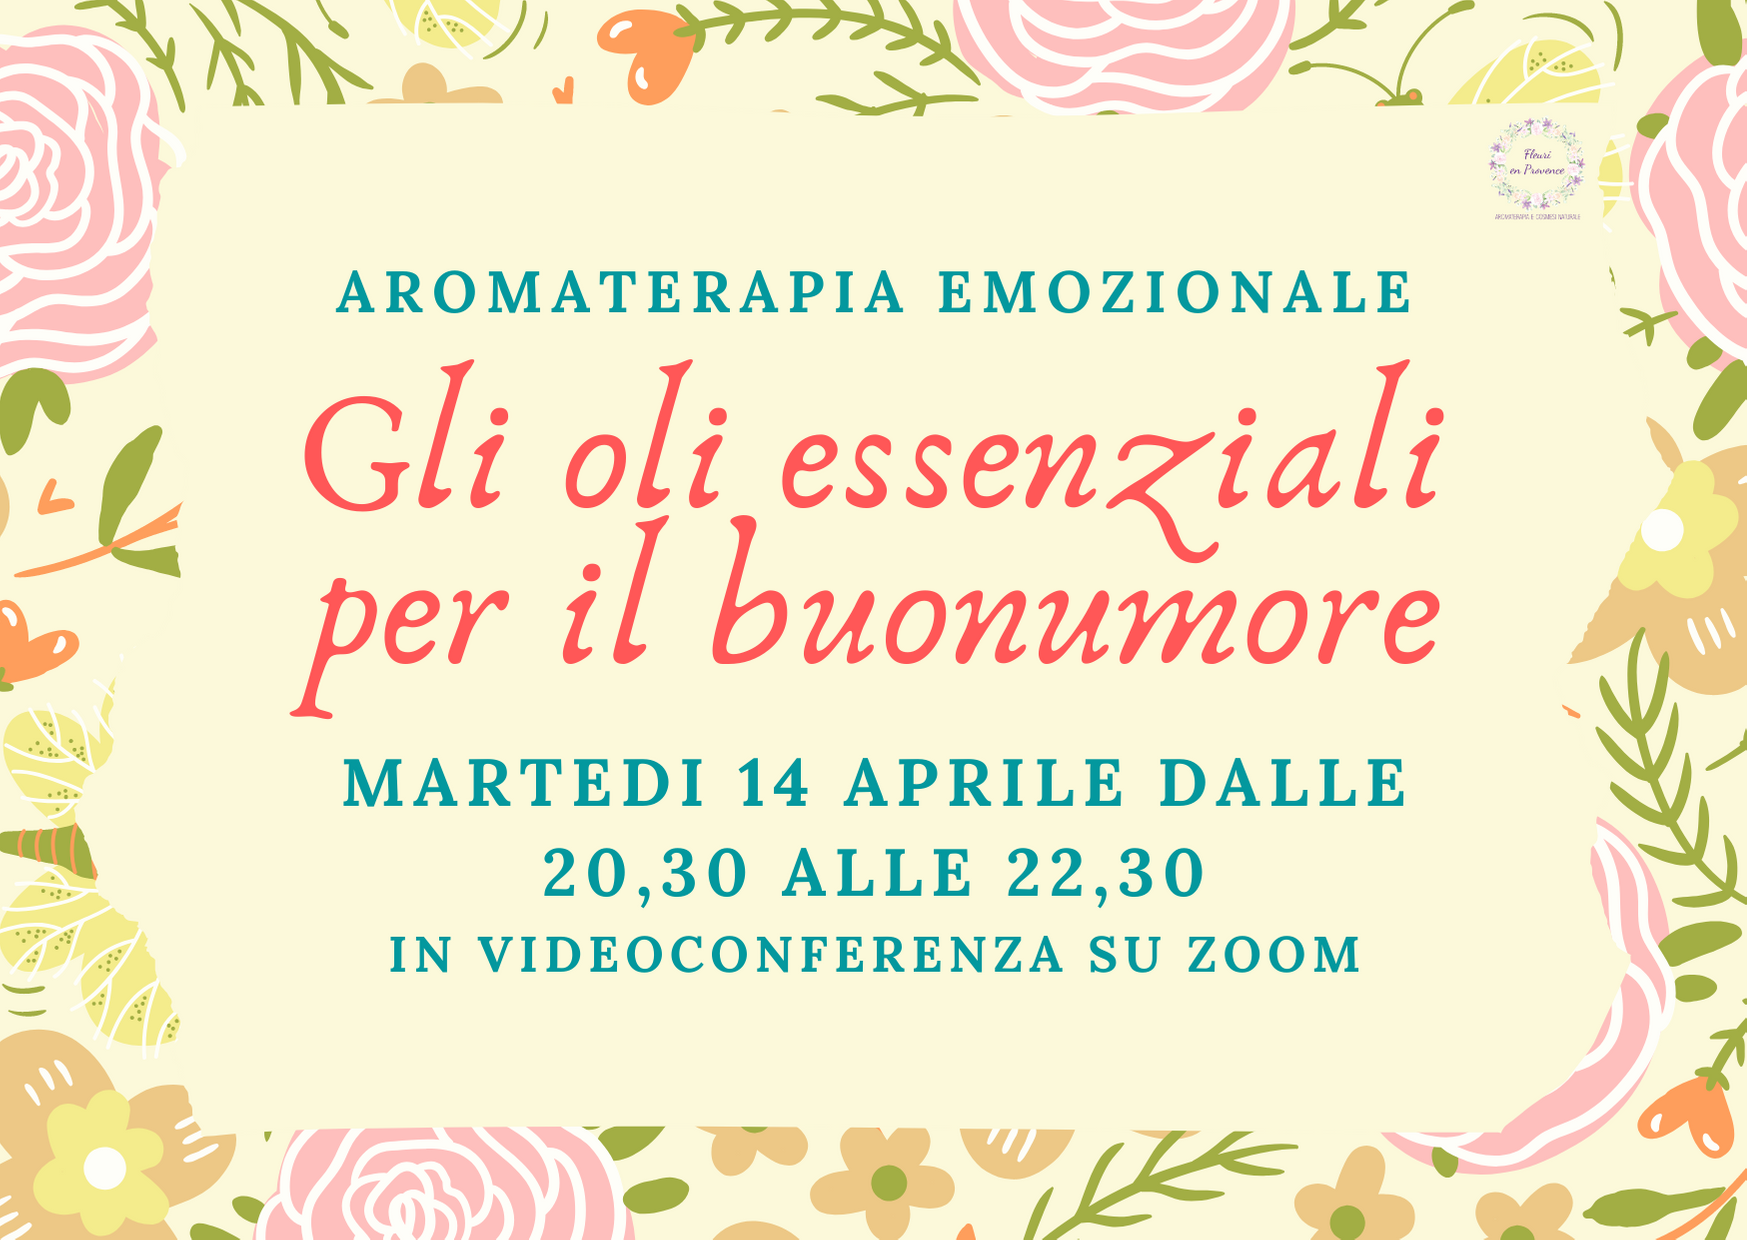 Corso di aromaterapia on line 14 aprile: oli essenziali per il buonumore